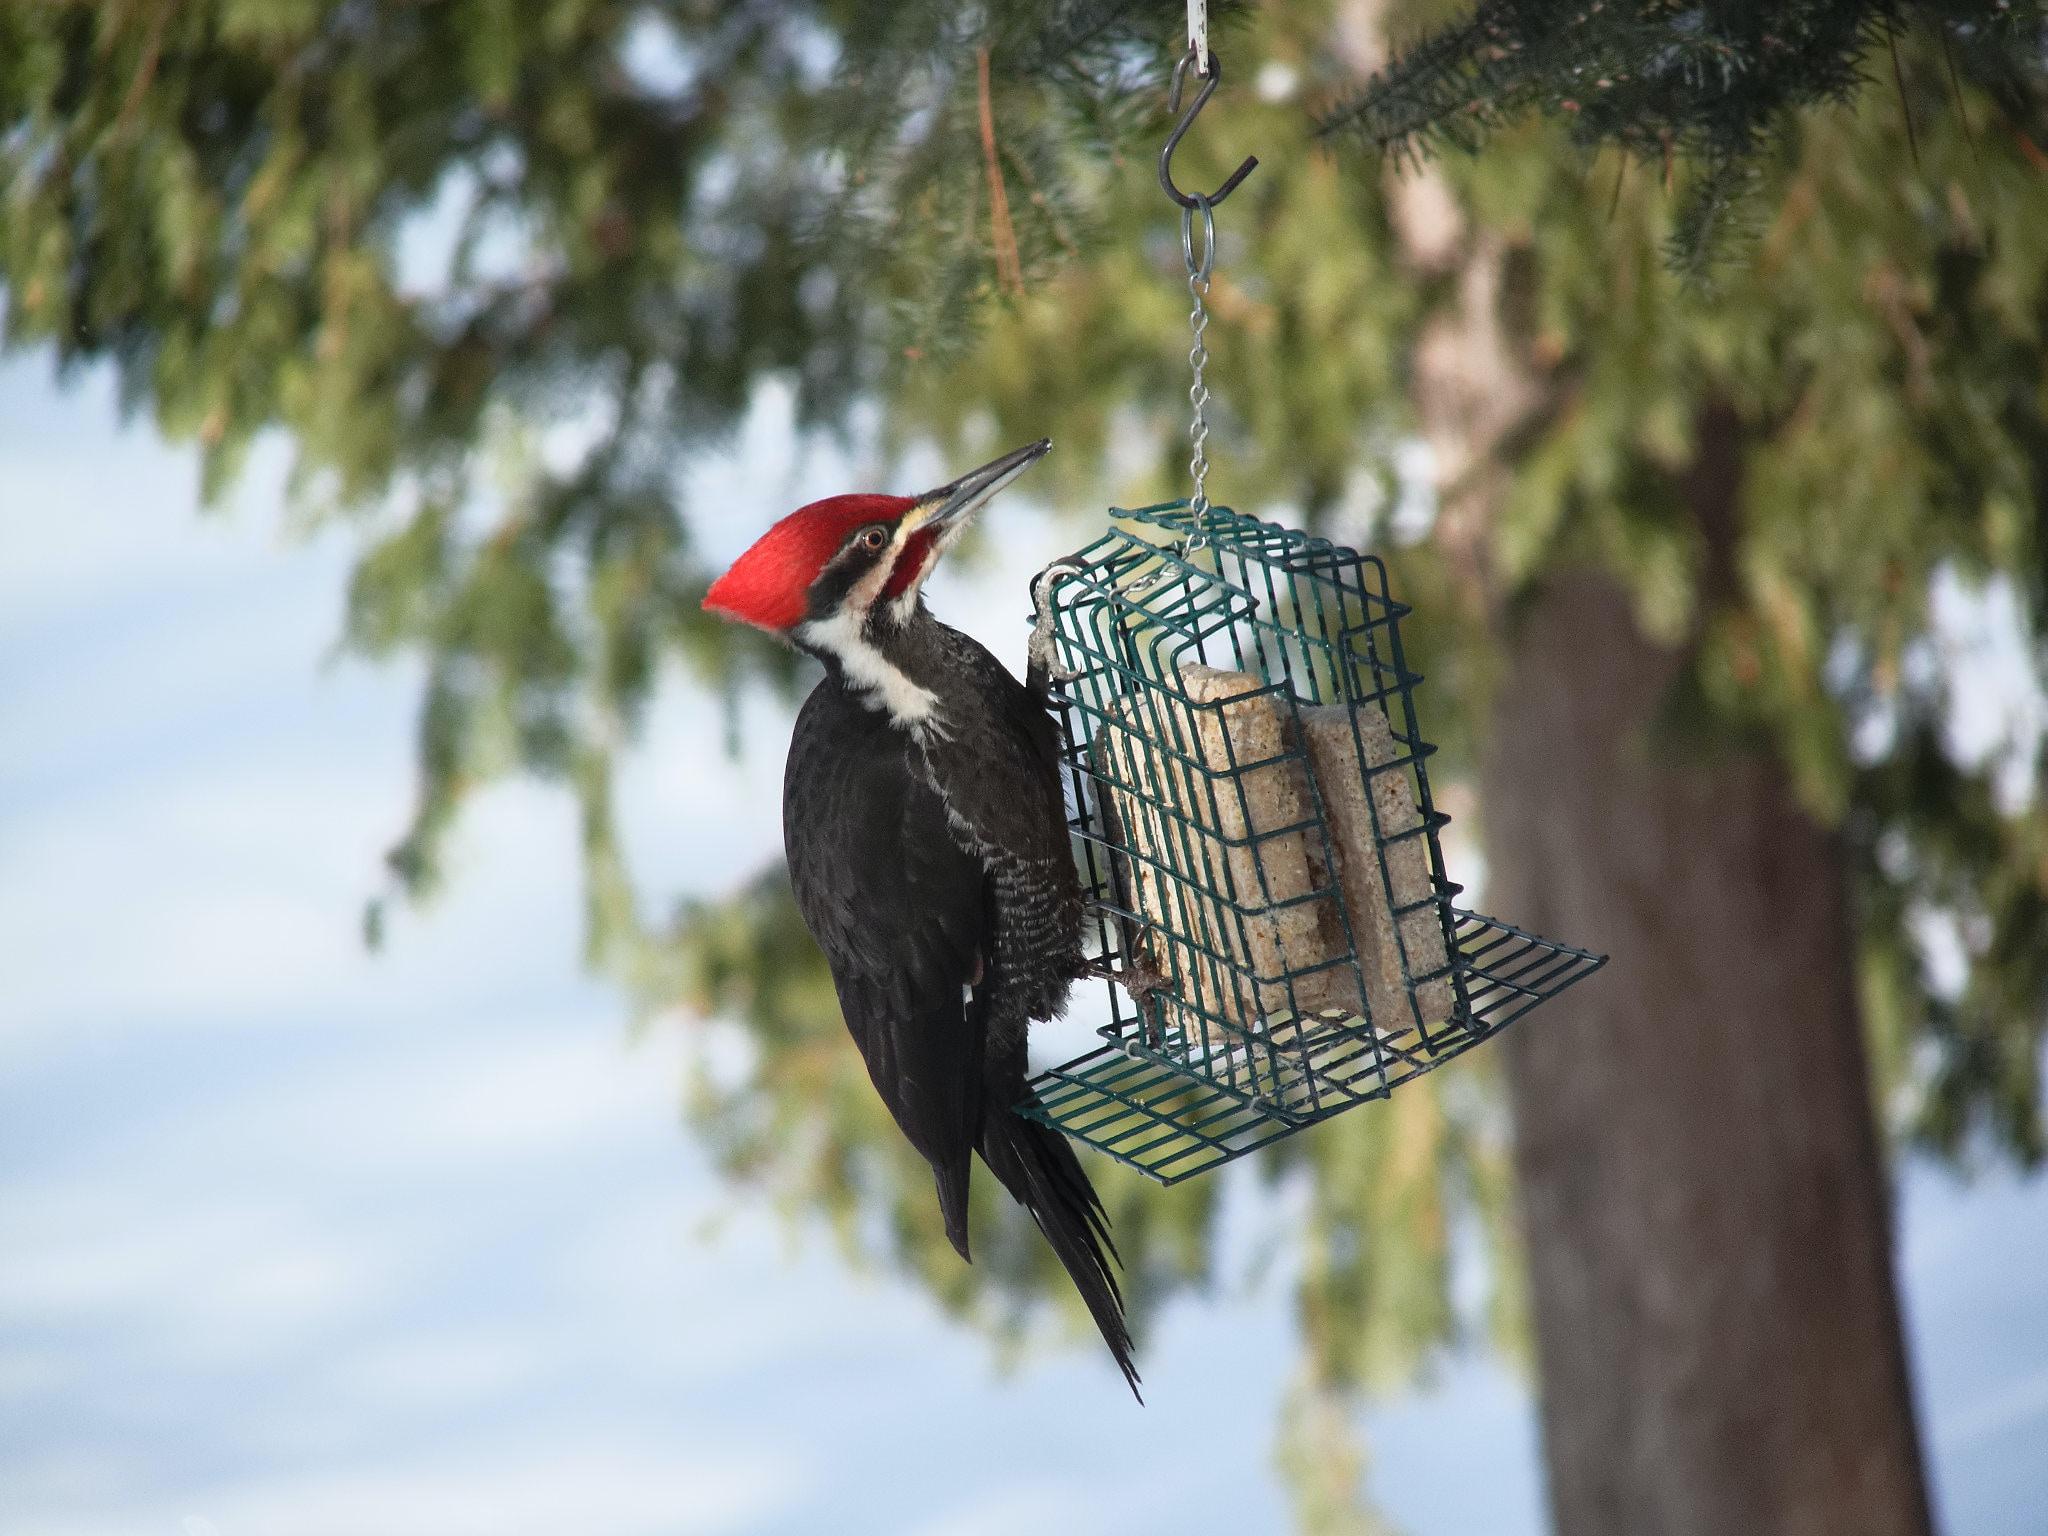 long-beak black bird hanging on metal decor